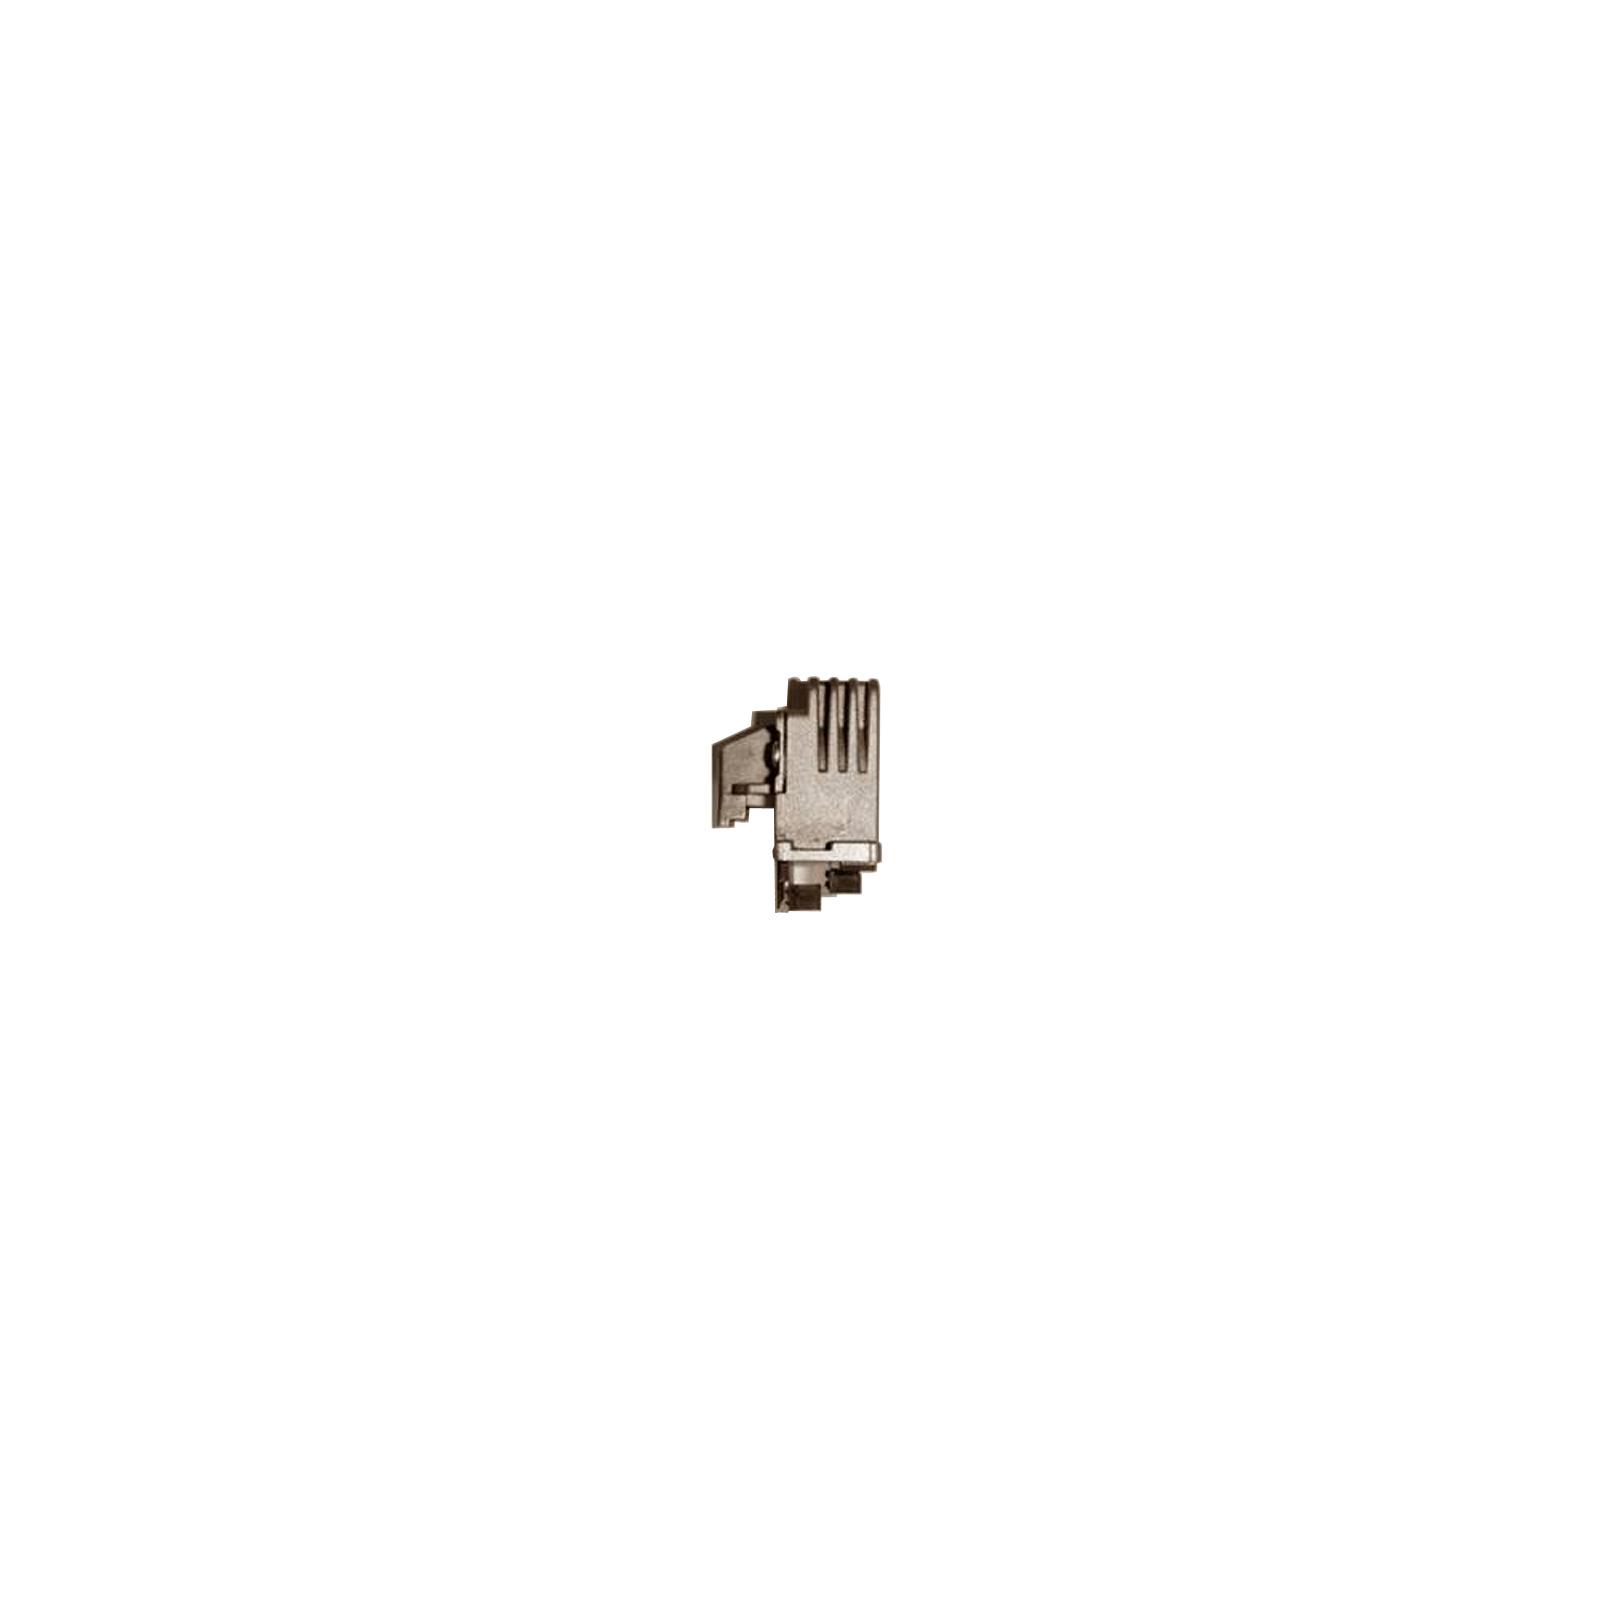 Печатающая головка EPSON FX890/2190 (1267348/1275824) изображение 4